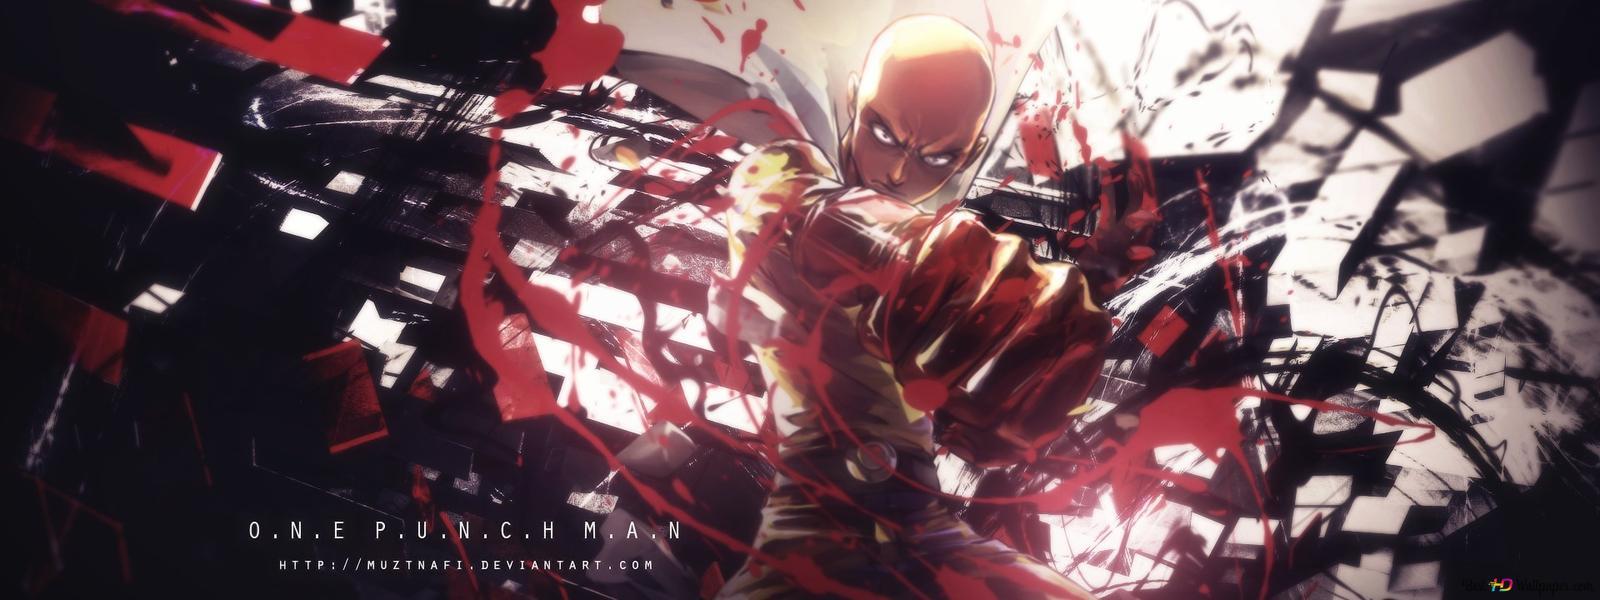 One Punch Man Saitama Tapete Hd Hintergrundbilder